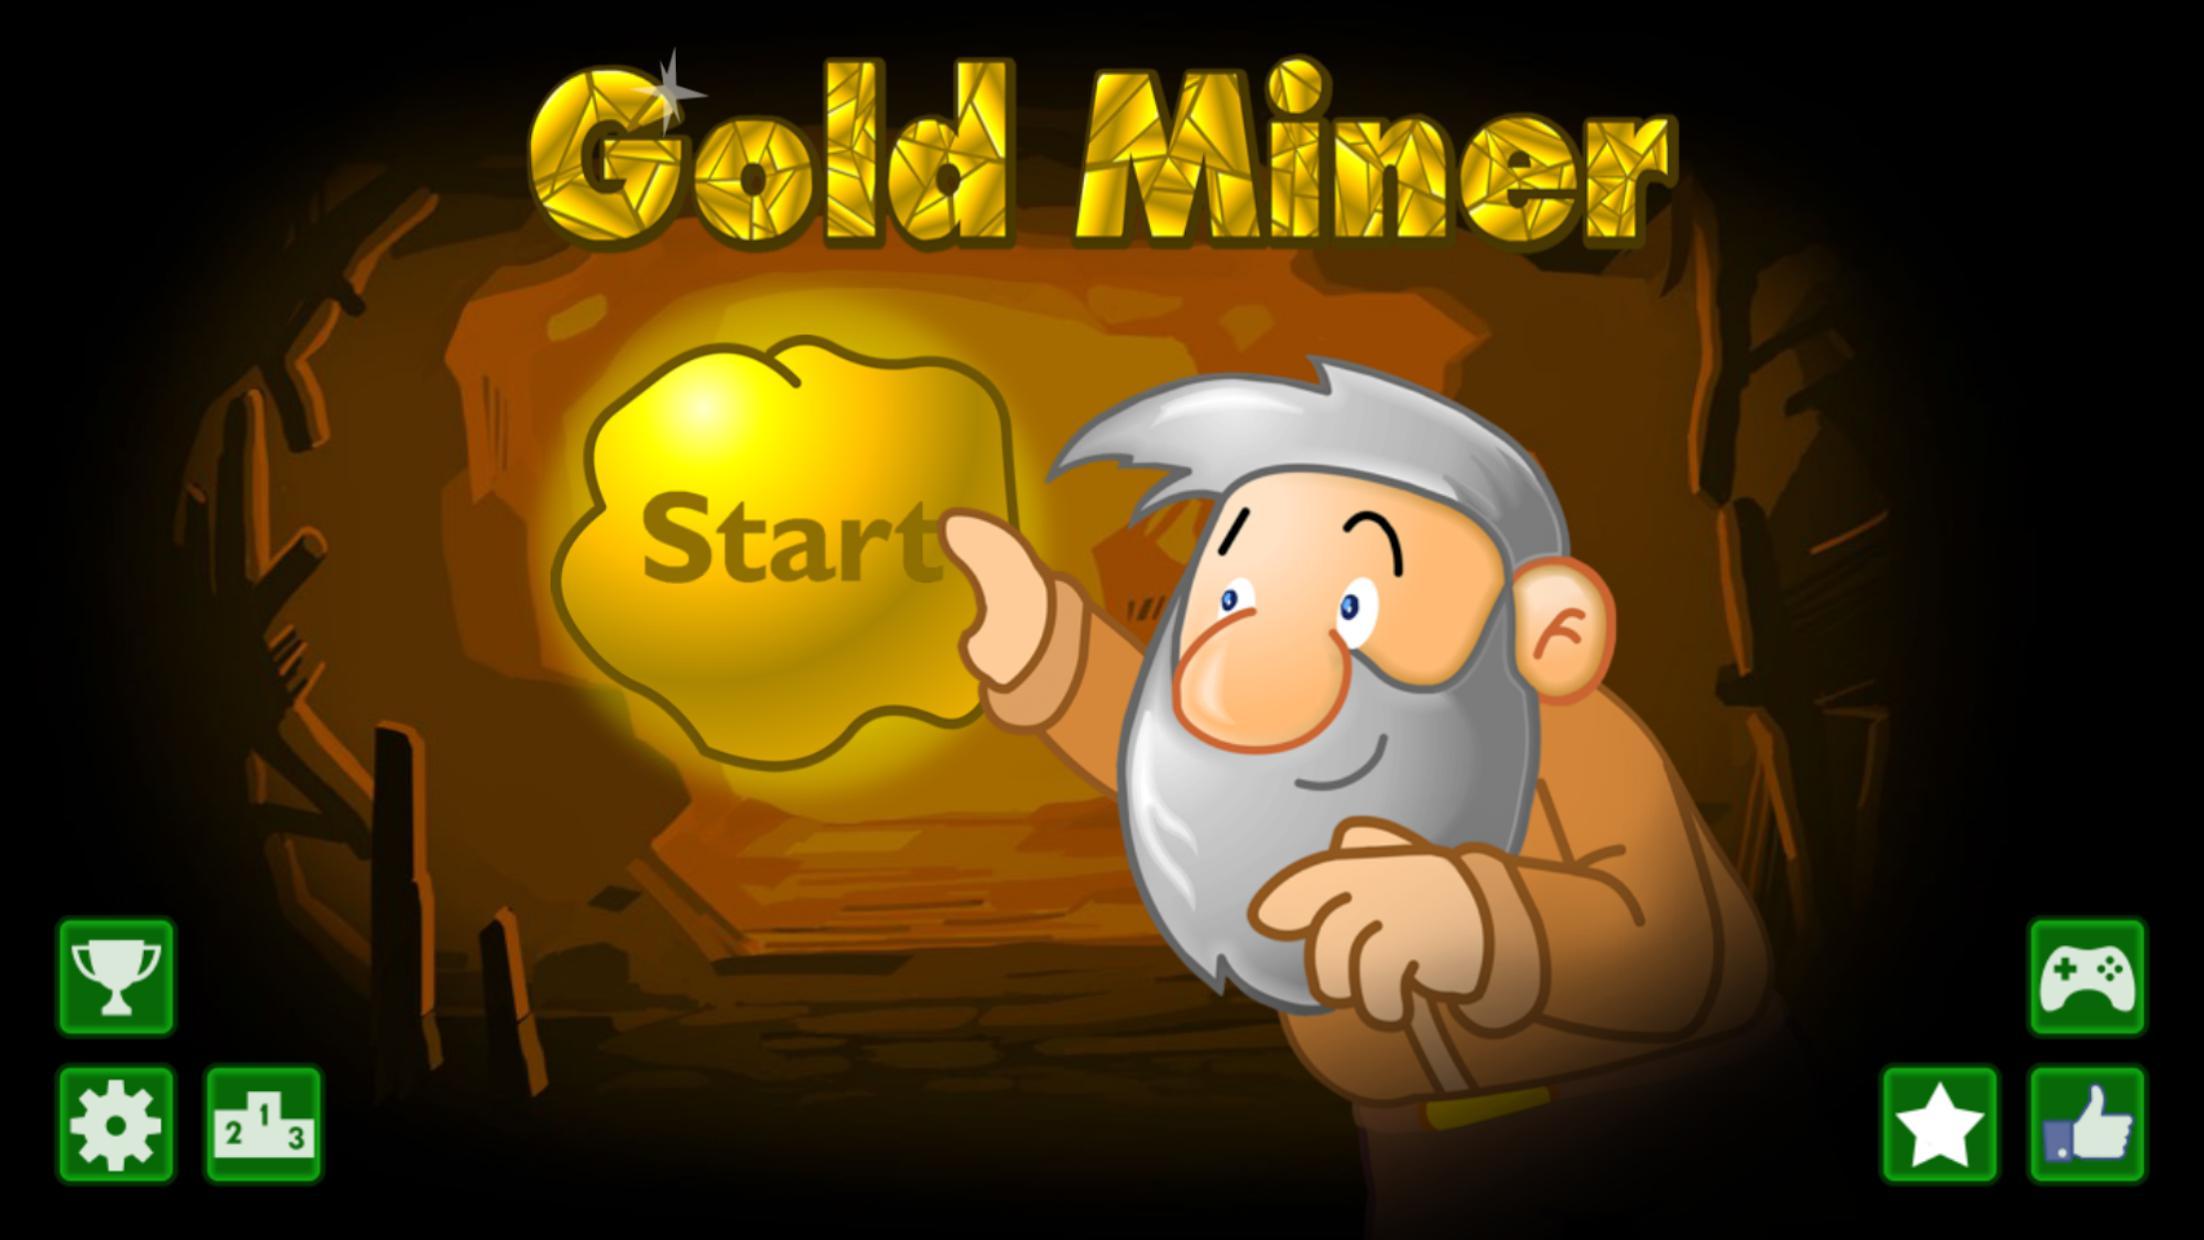 黄金矿工 - 起源 游戏截图1